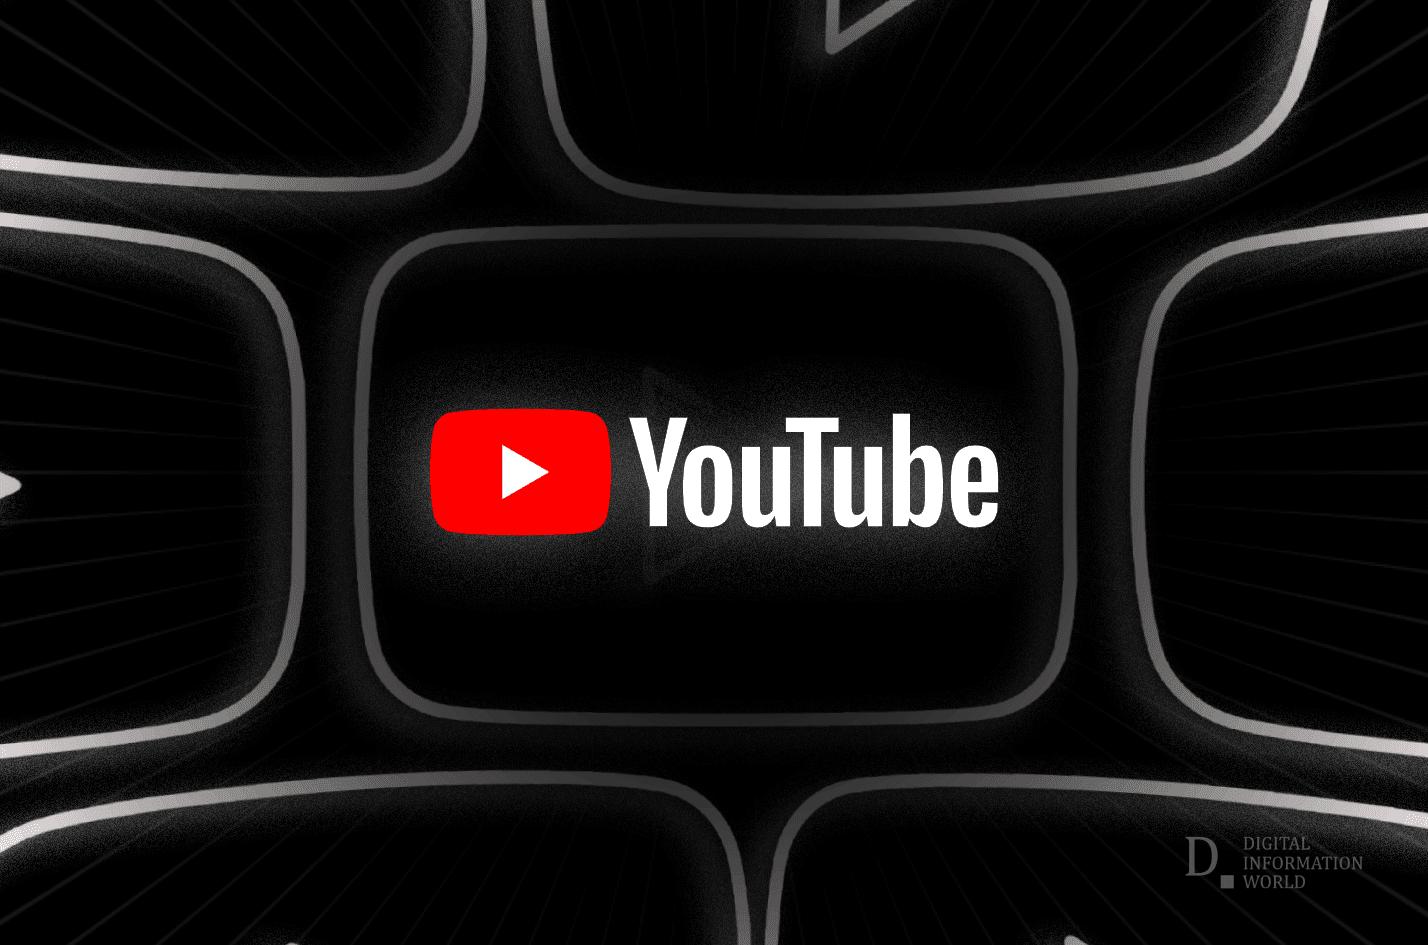 sur YT:  YouTube présente des règles de monétisation rares et vigoureuses pour les créateurs de contenu / le monde de l'information numérique  infos